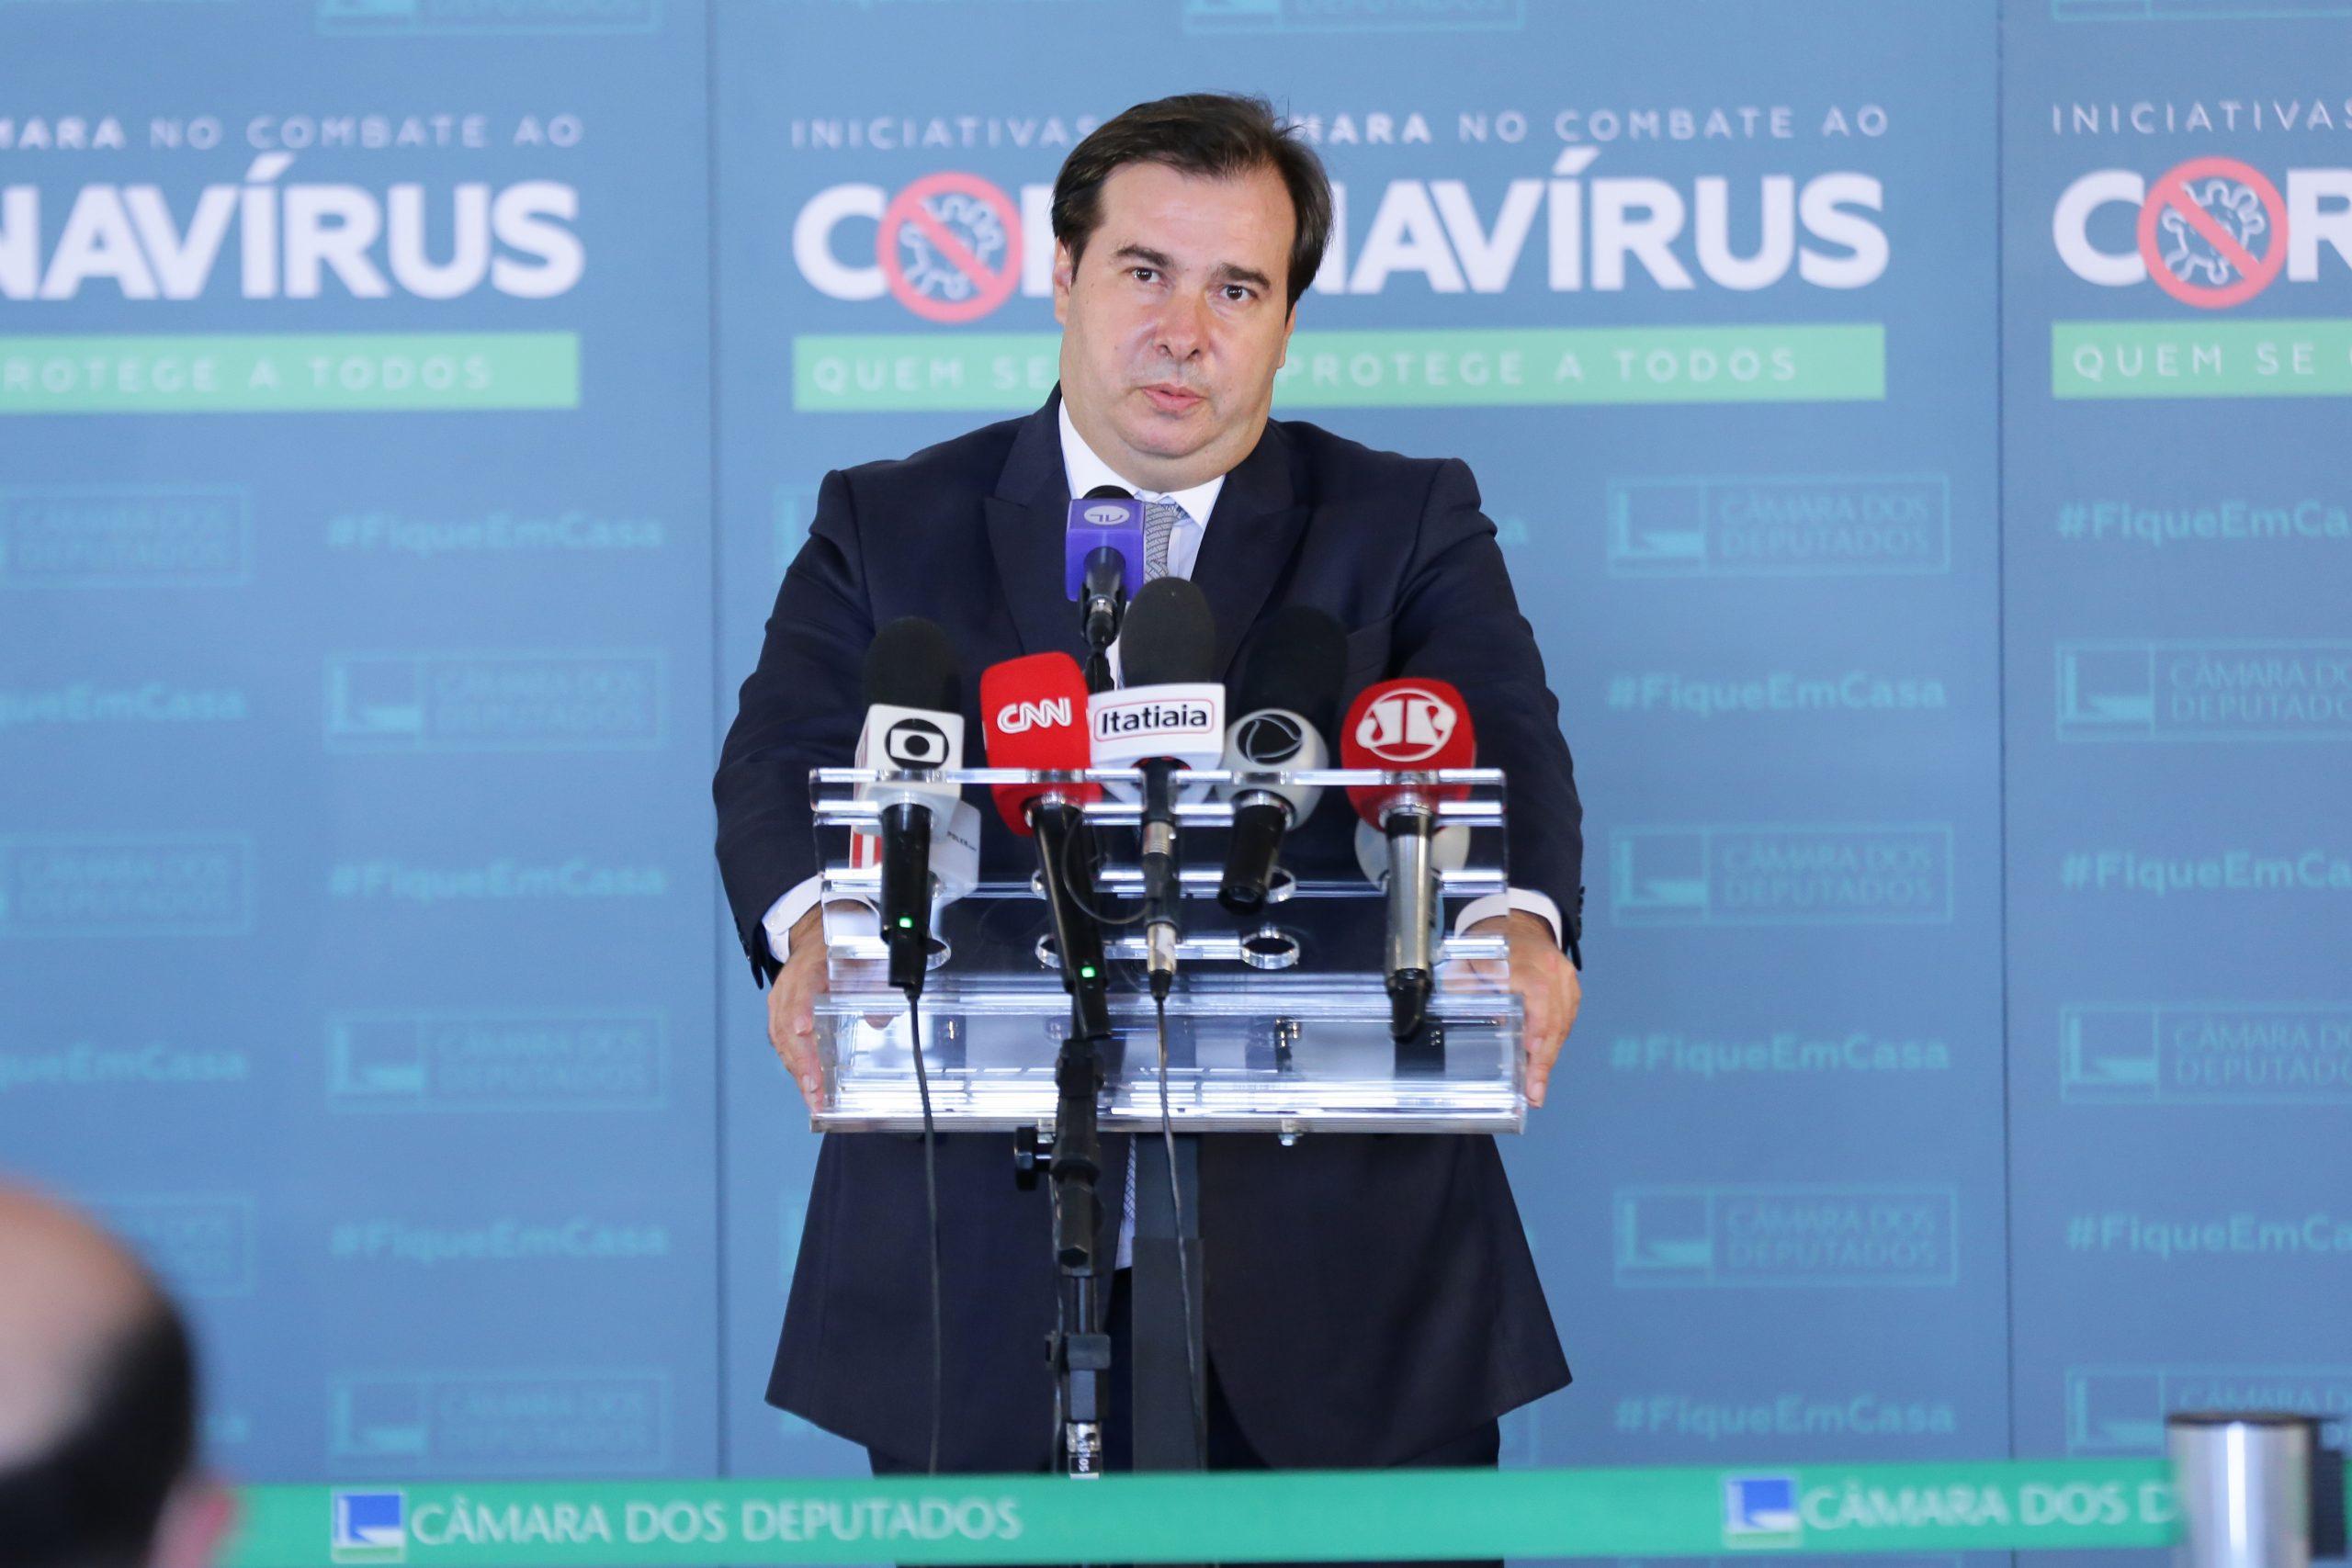 Maia diz não acreditar em quatro privatizações de estatais até o fim deste ano